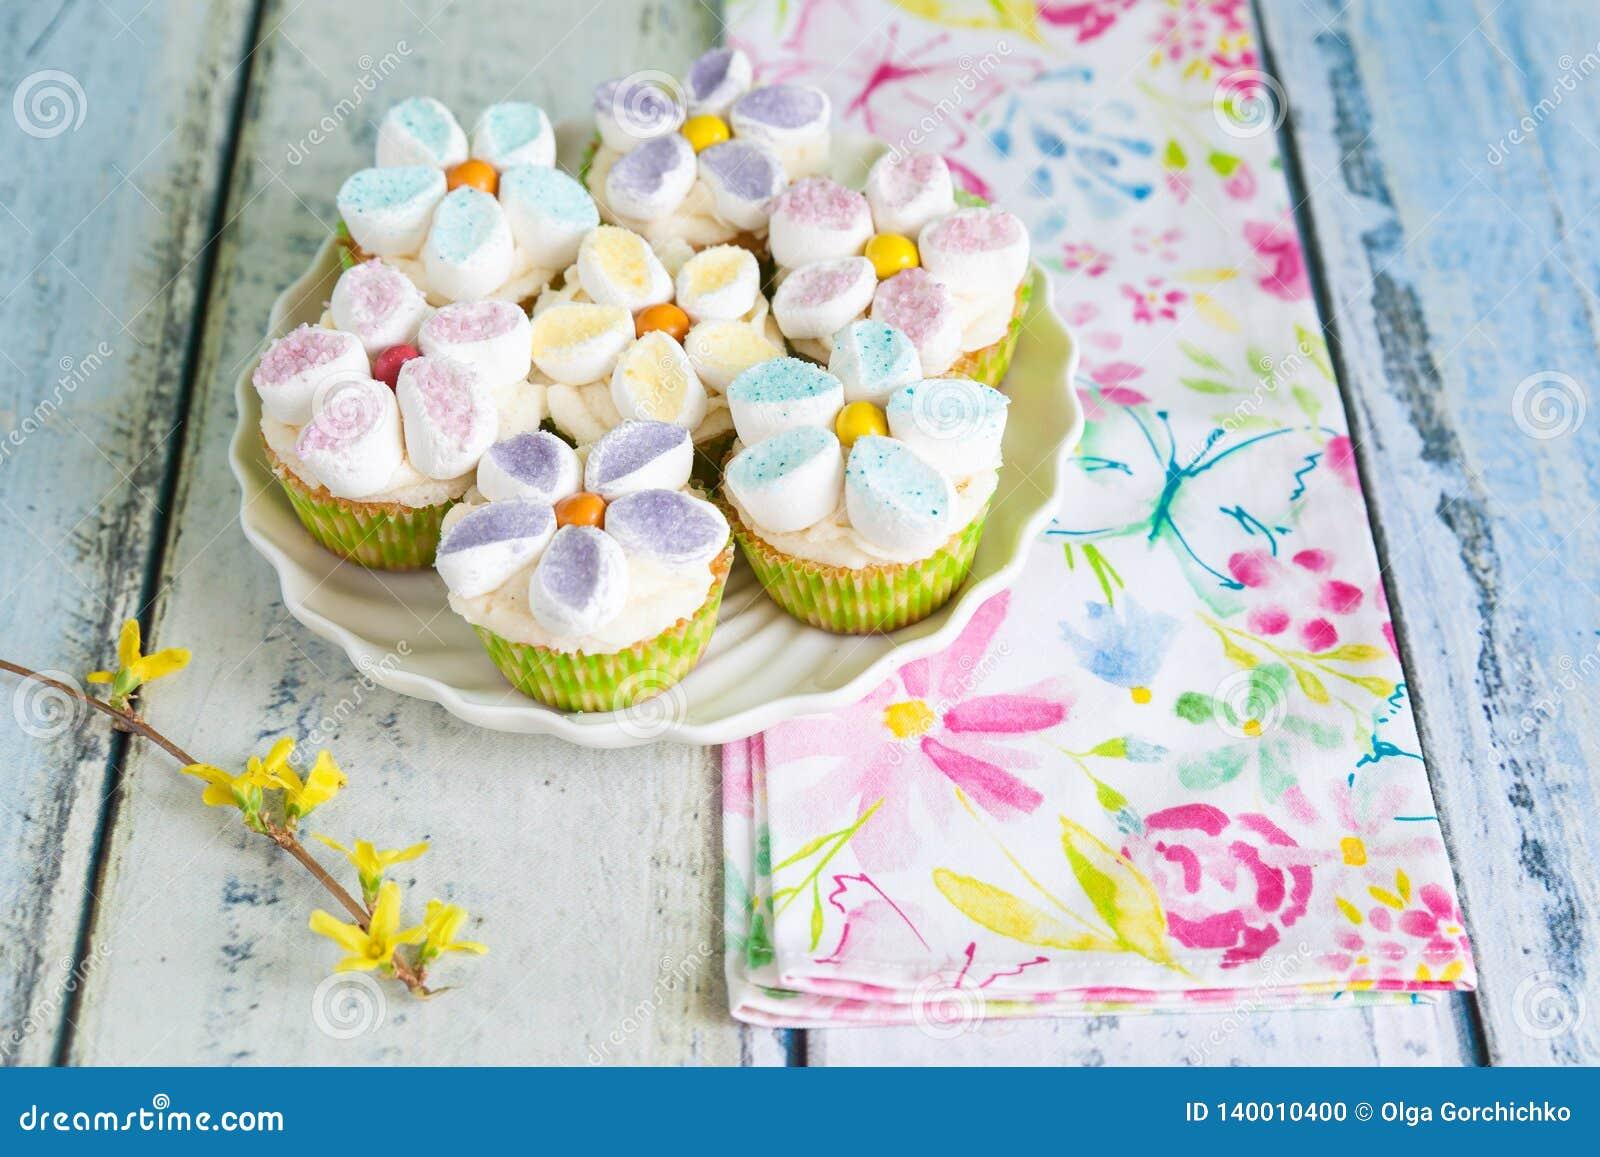 Babeczki dekorować z masła marshmallow i śmietanki kwiatami